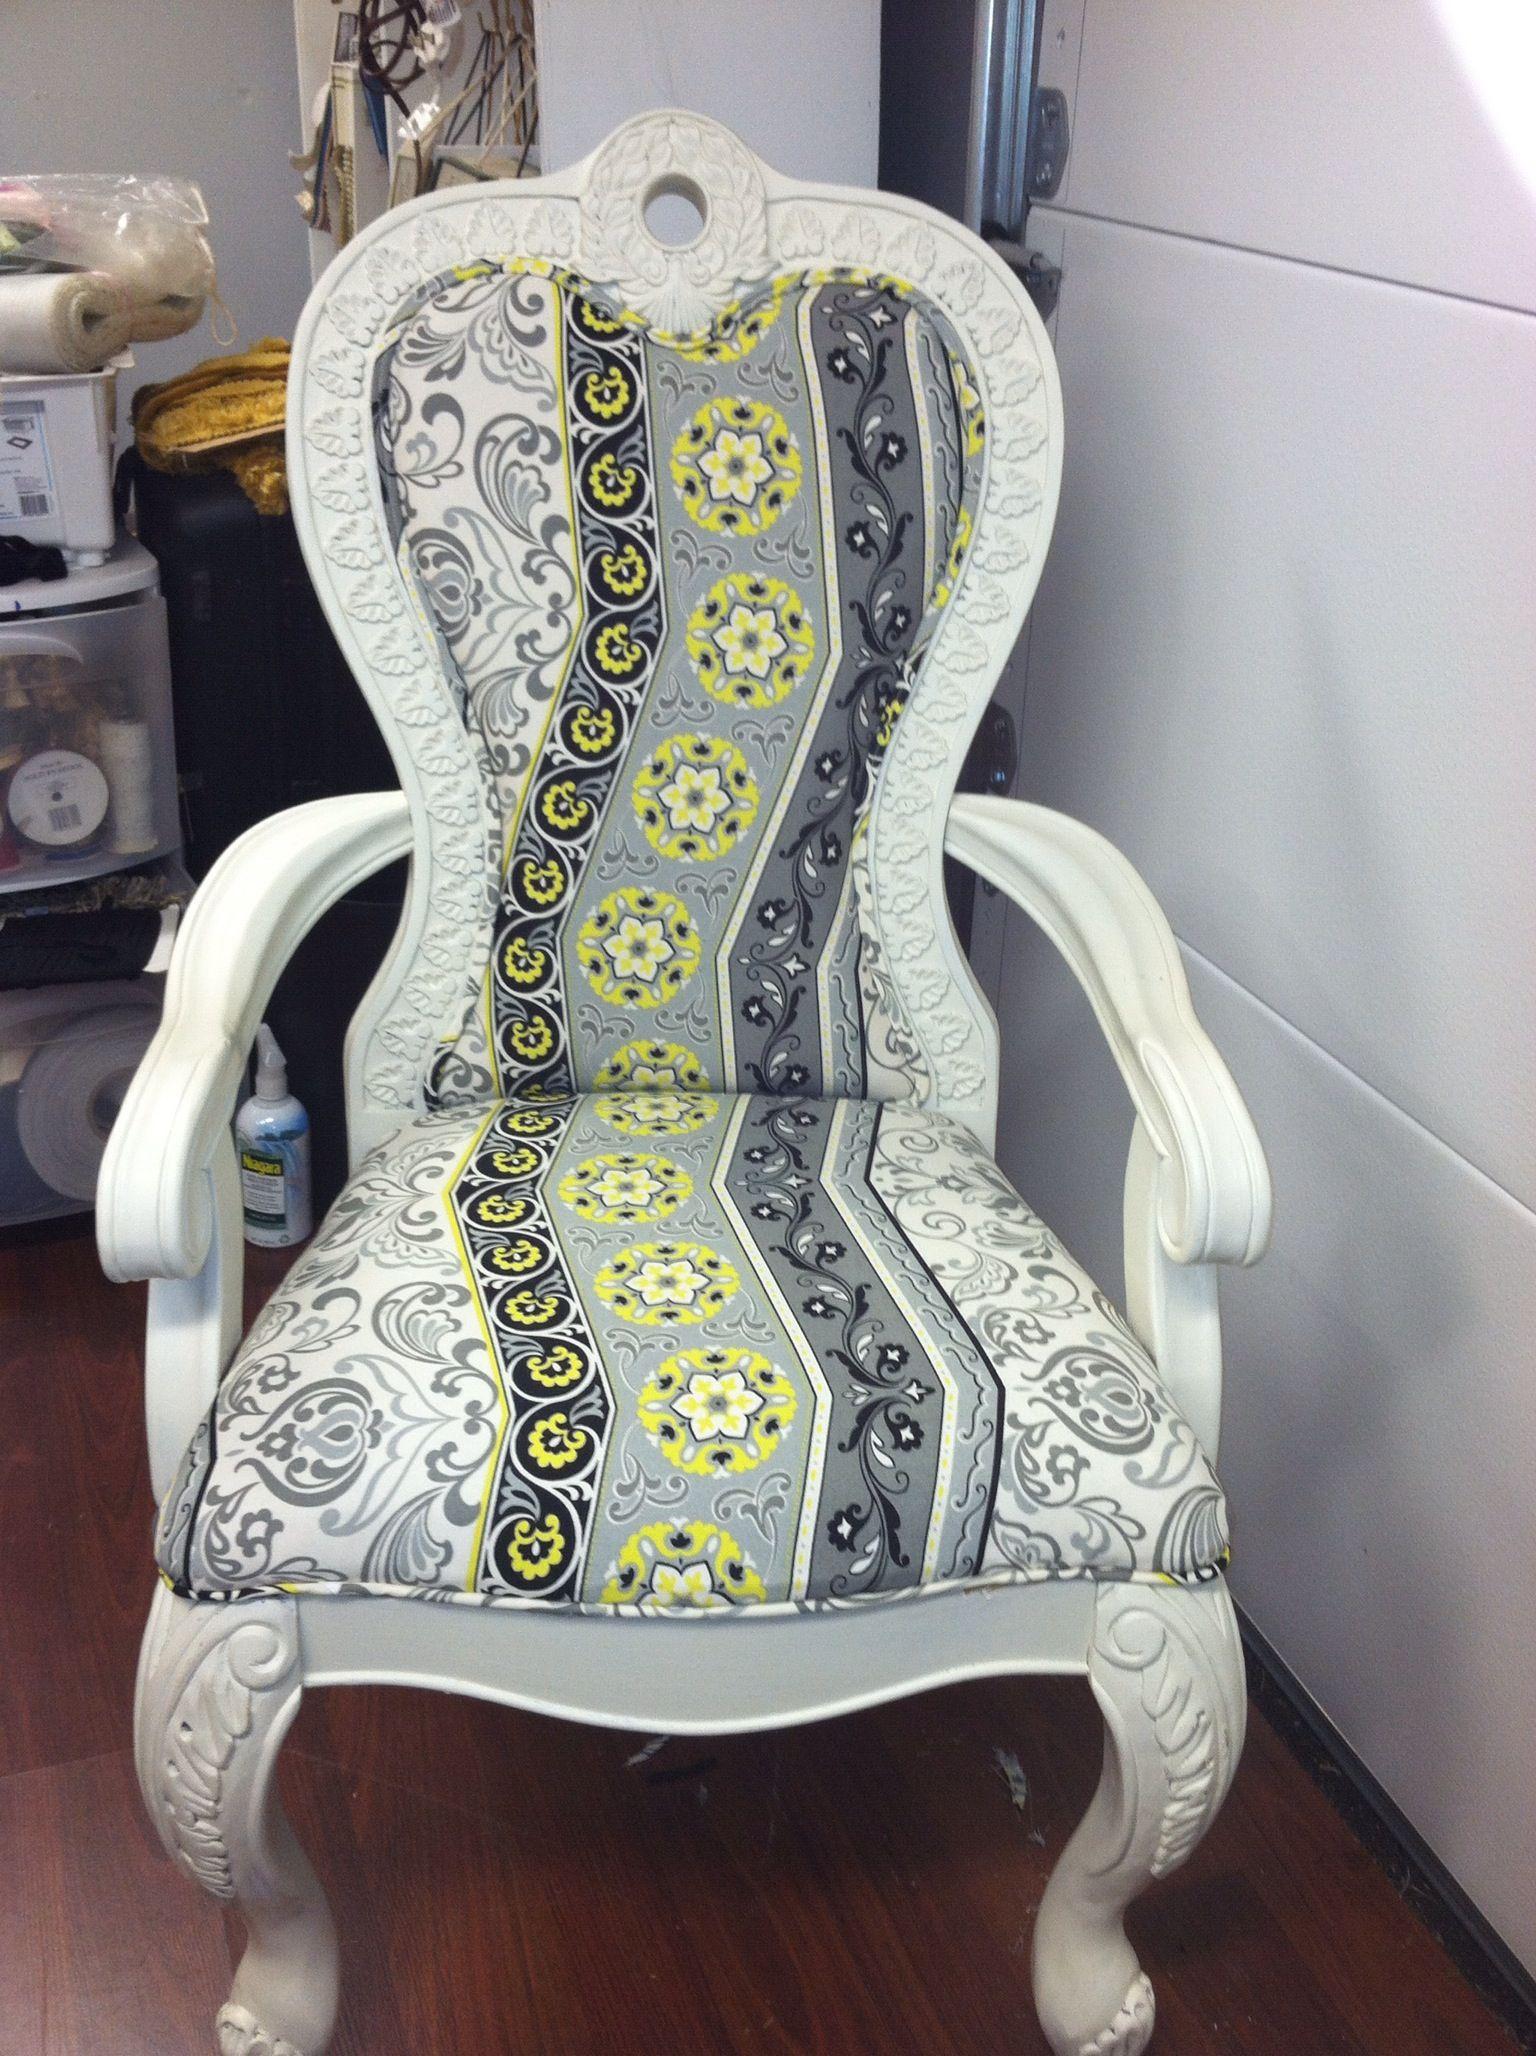 Throne chair gone modern. & Throne chair gone modern. | My Work | Pinterest | Throne chair ...